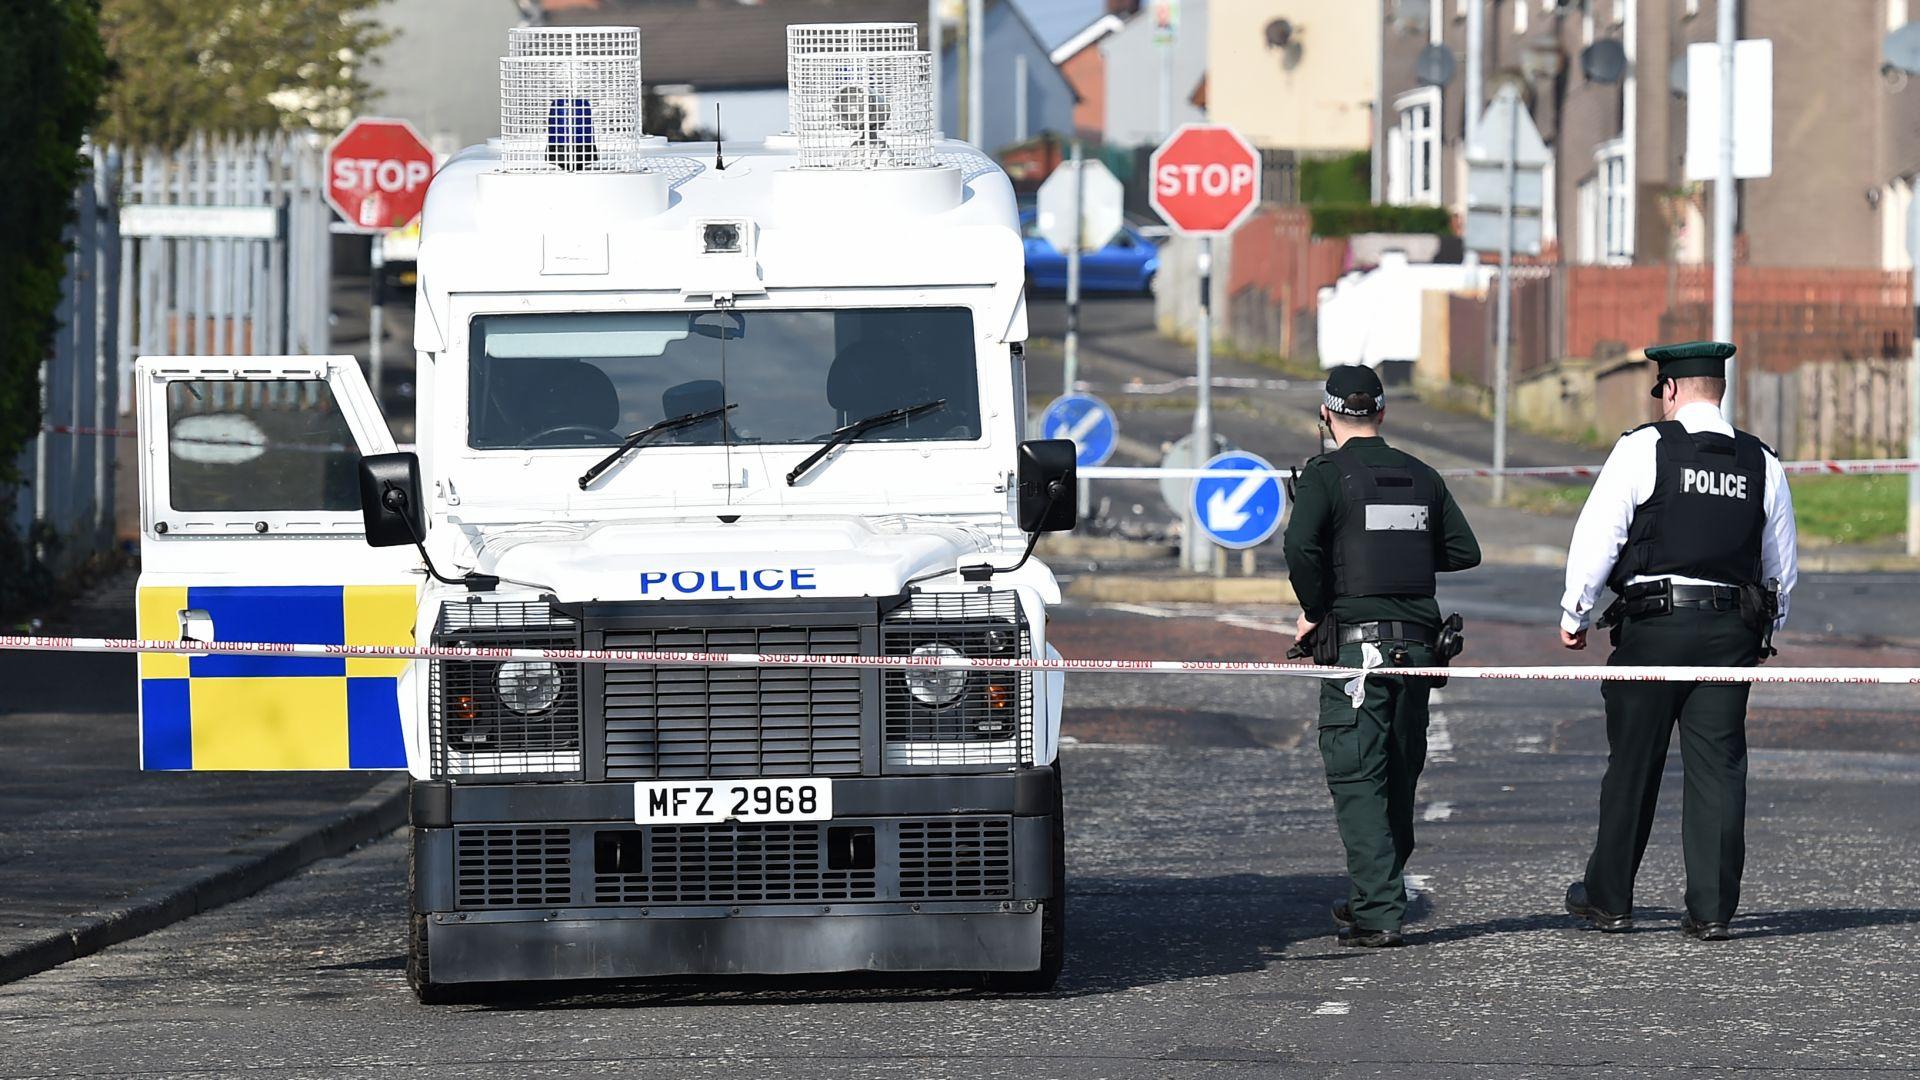 Застреляната жена в Северна Ирландия е била журналистка